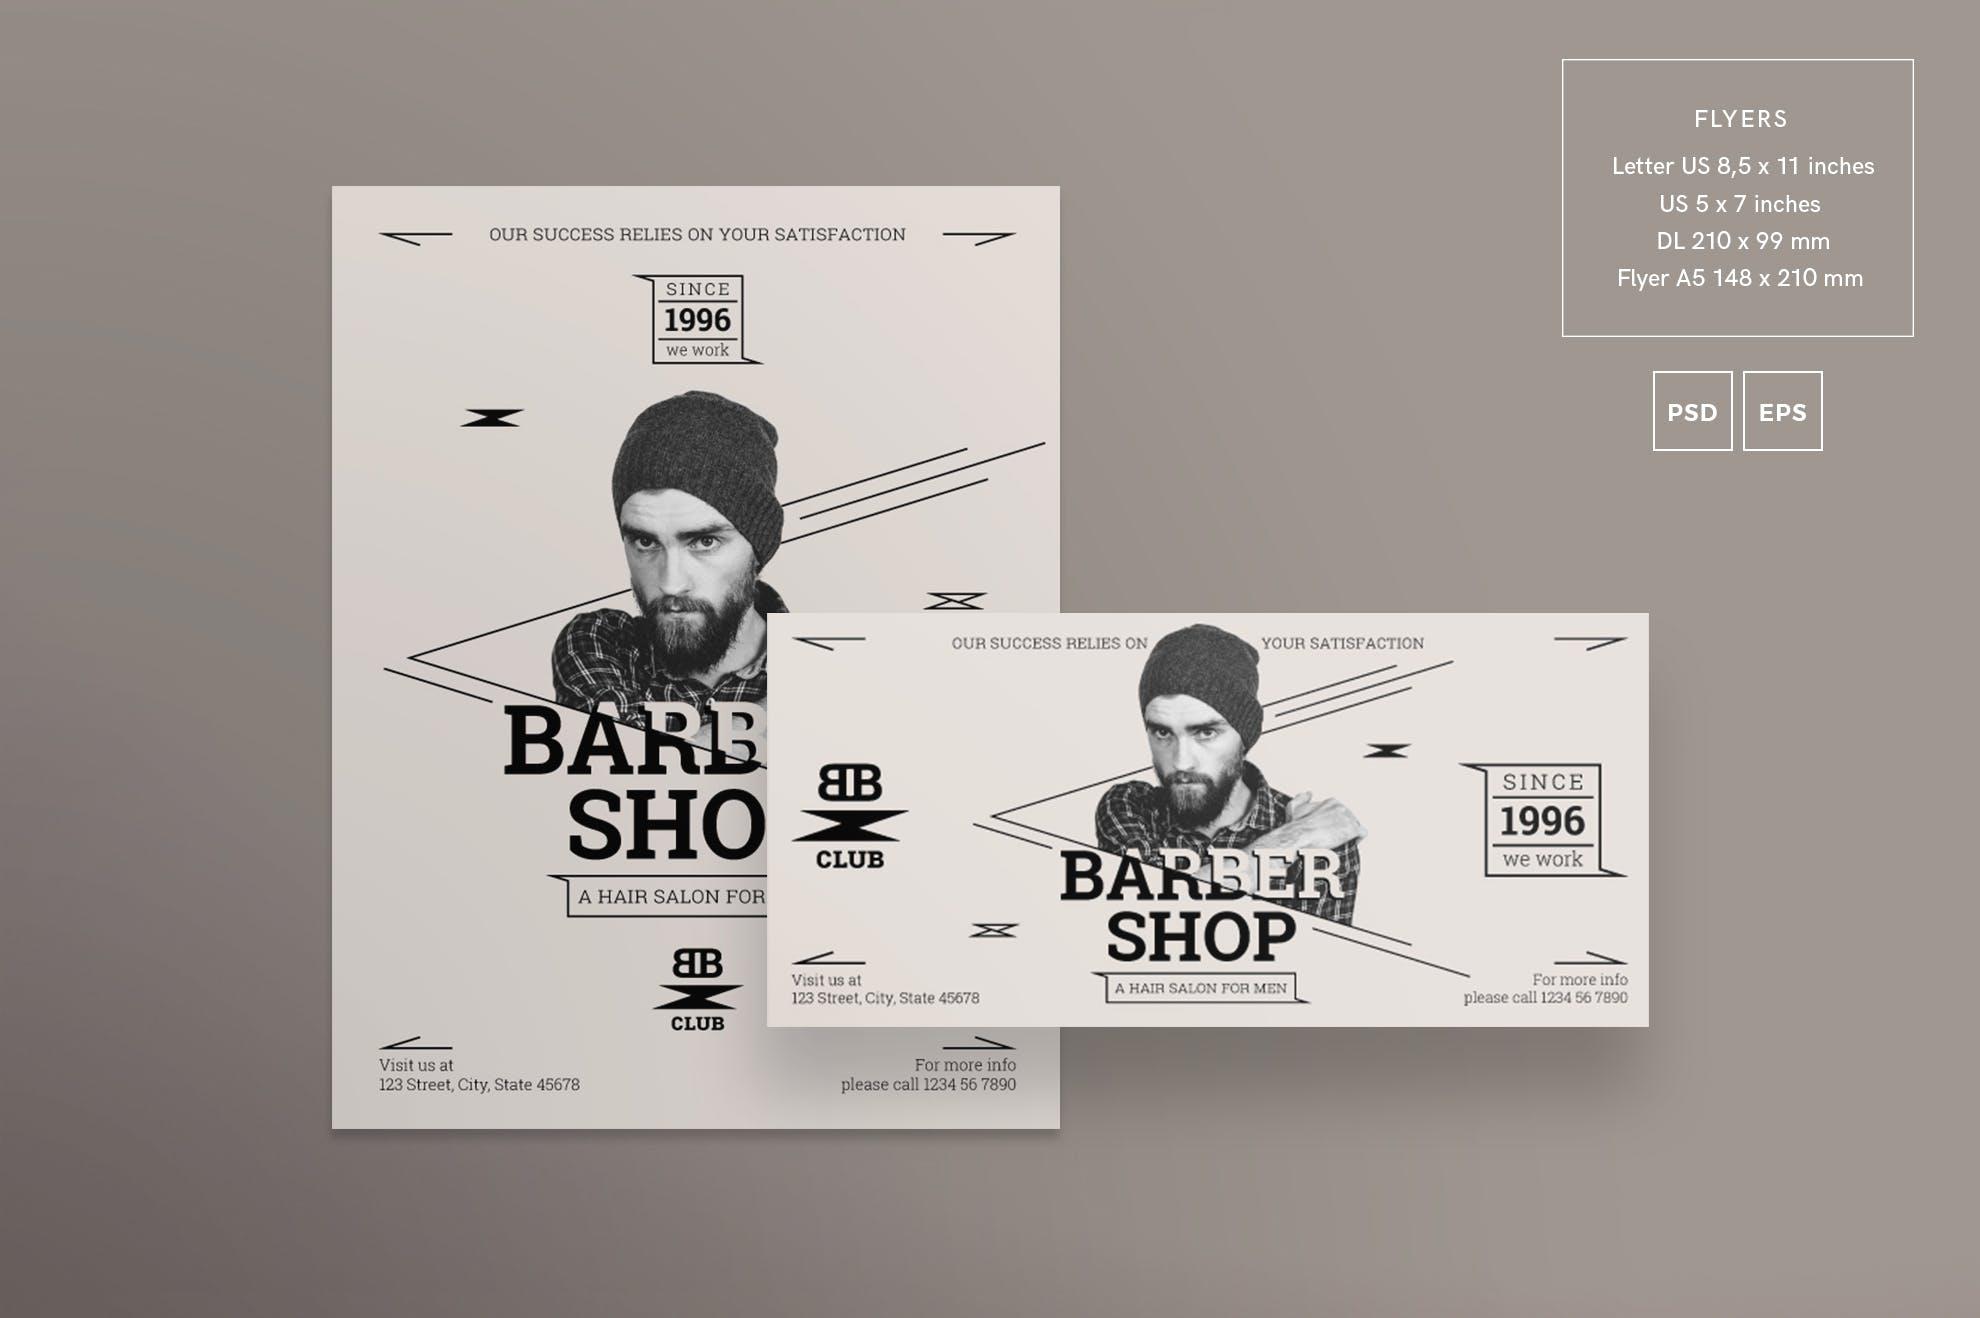 理发店服务传单和海报模板Barbershop Services Flyer and Poster Template